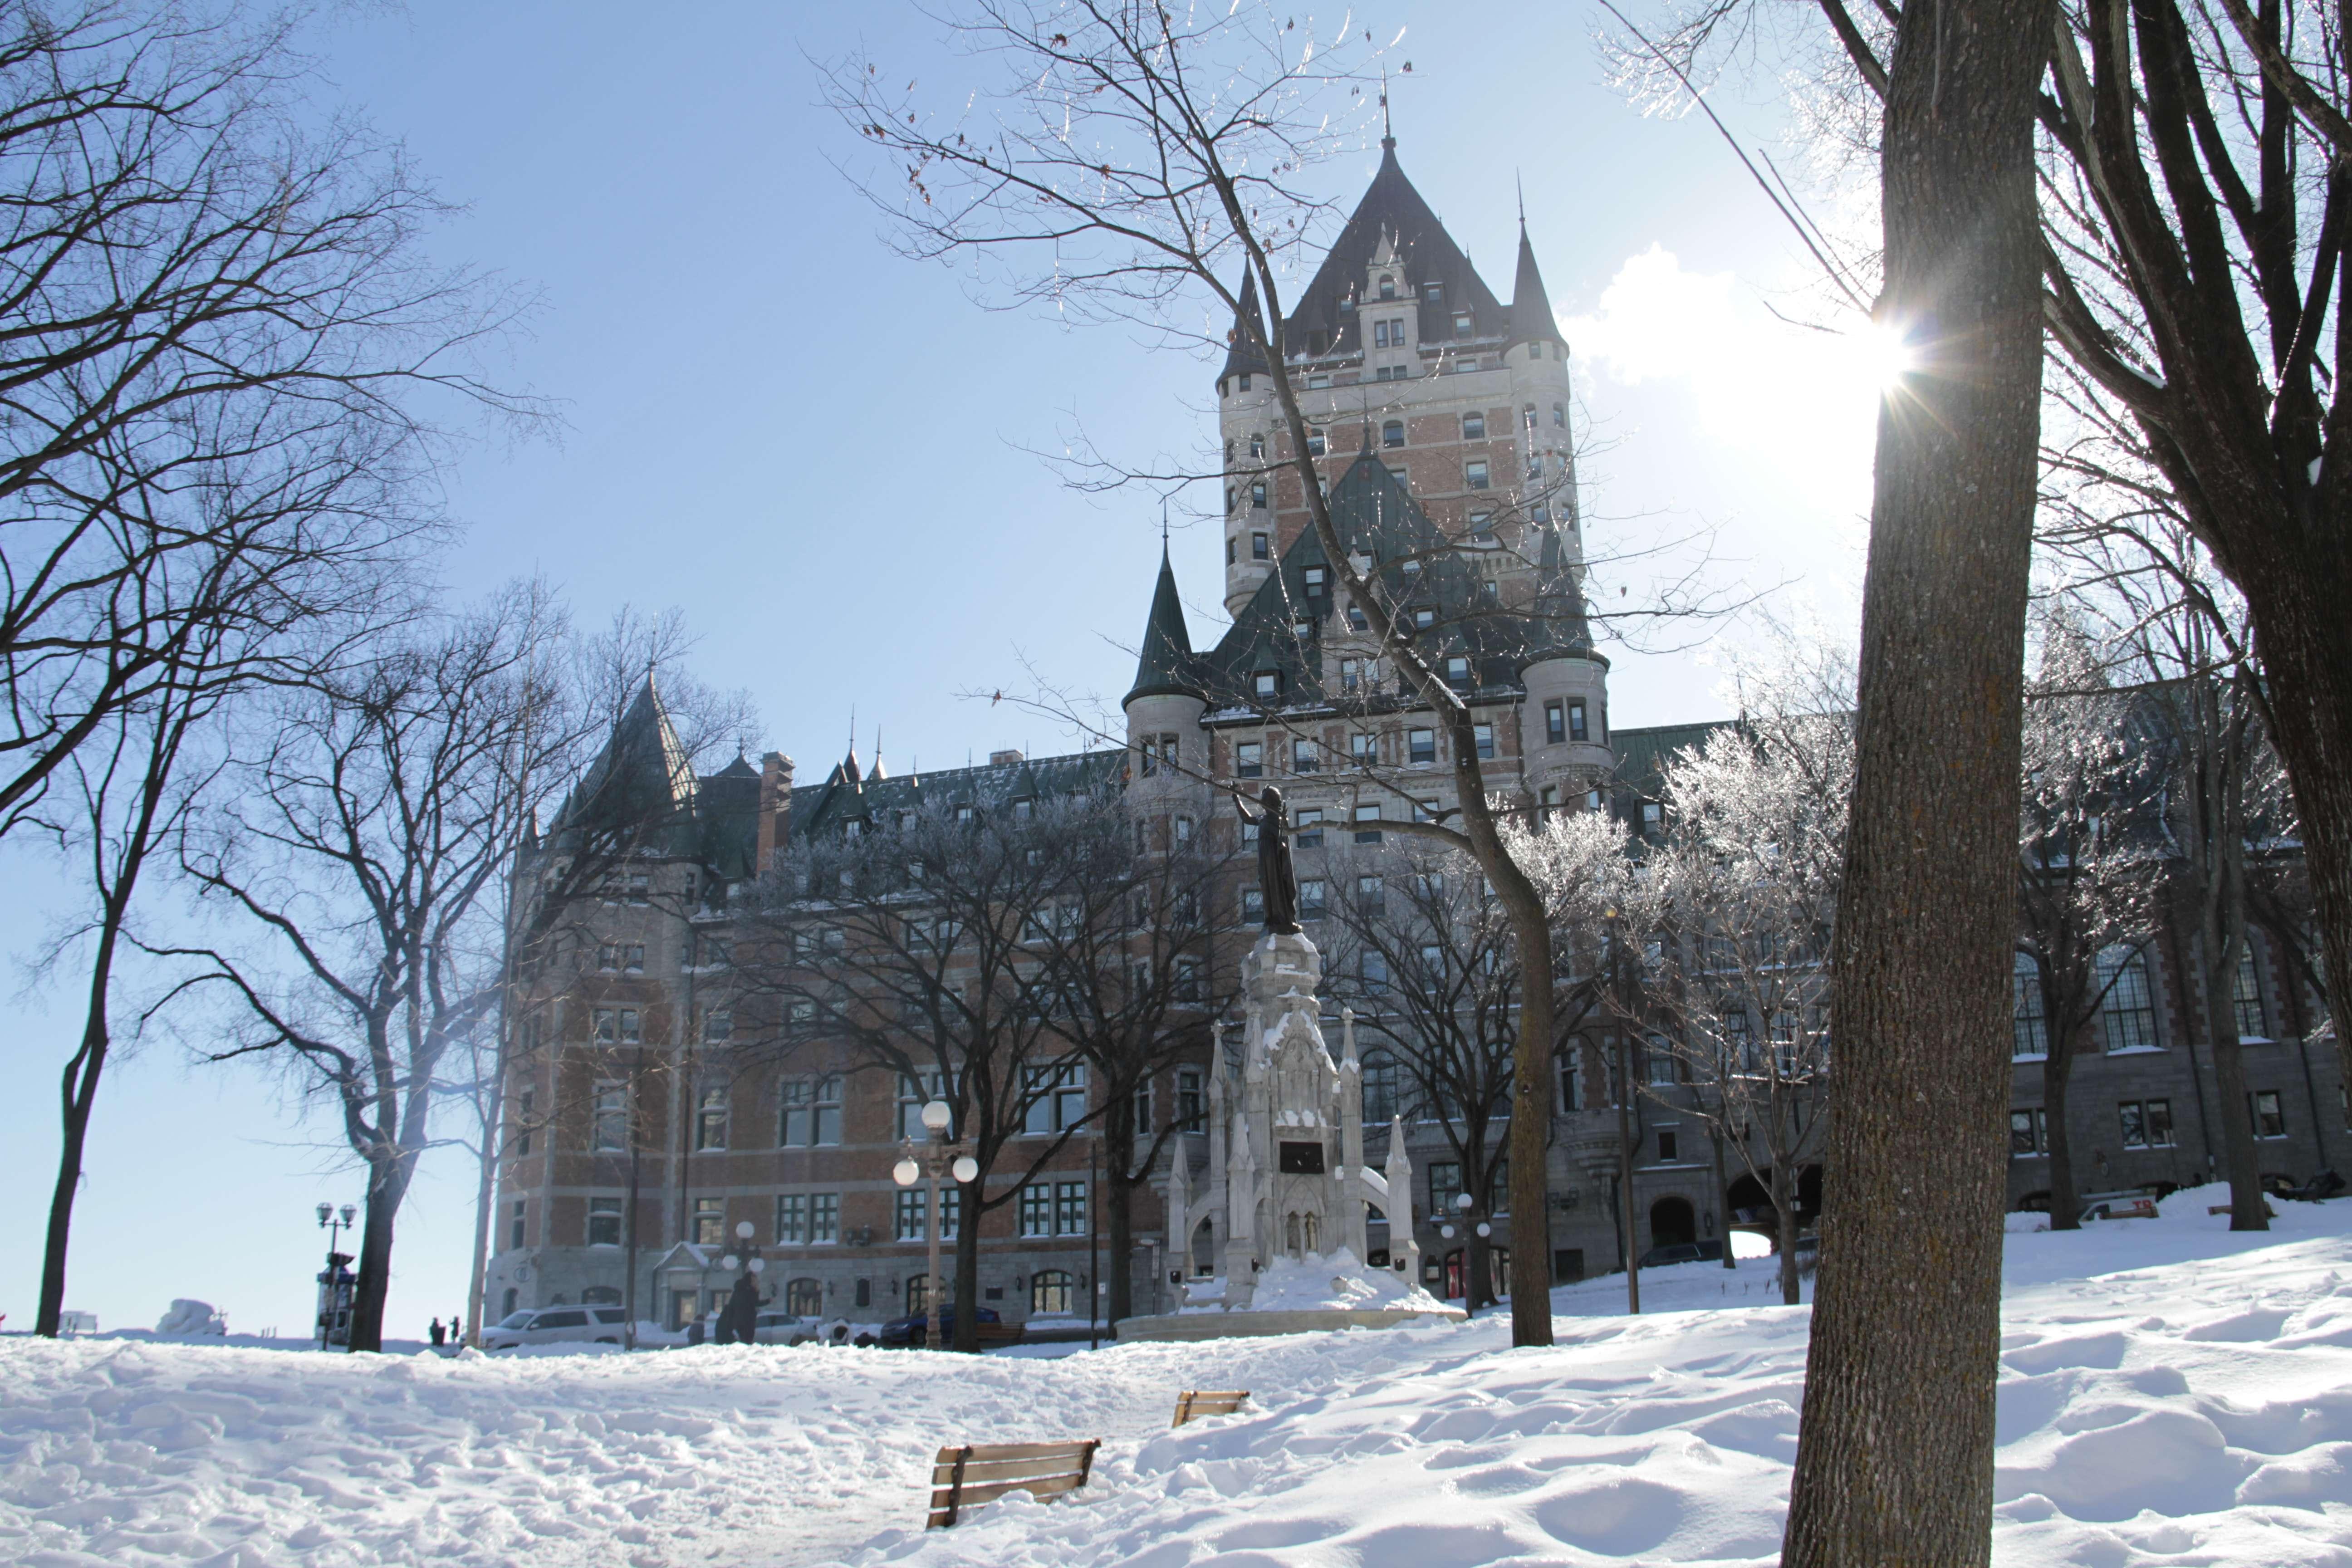 Quebec fevrier 2018_0031 Vieux Quebec chateau Frontenac